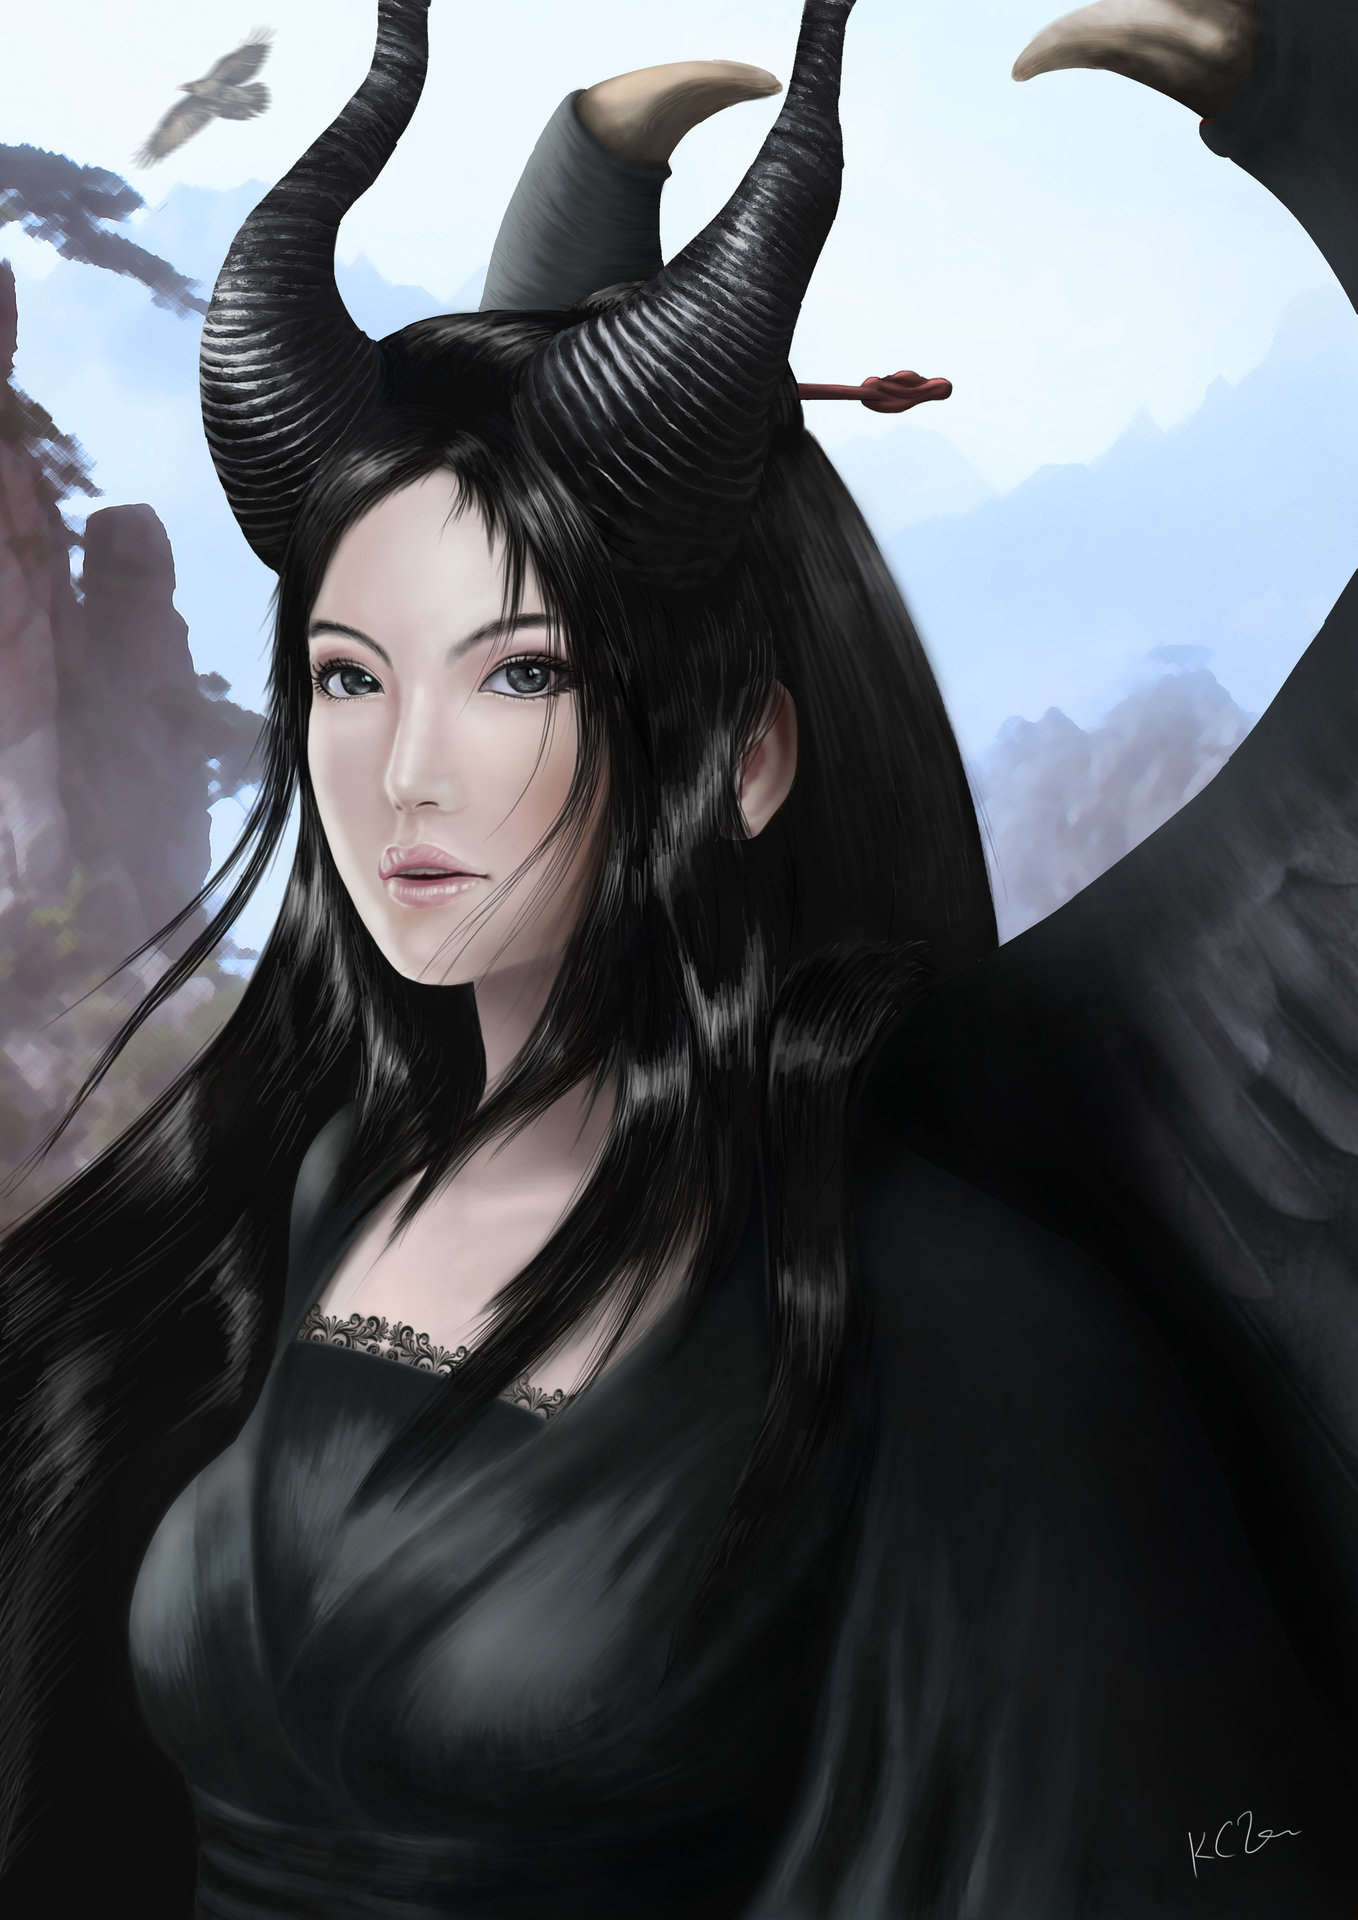 Artstation Character Rendering Fan Art Maleficent